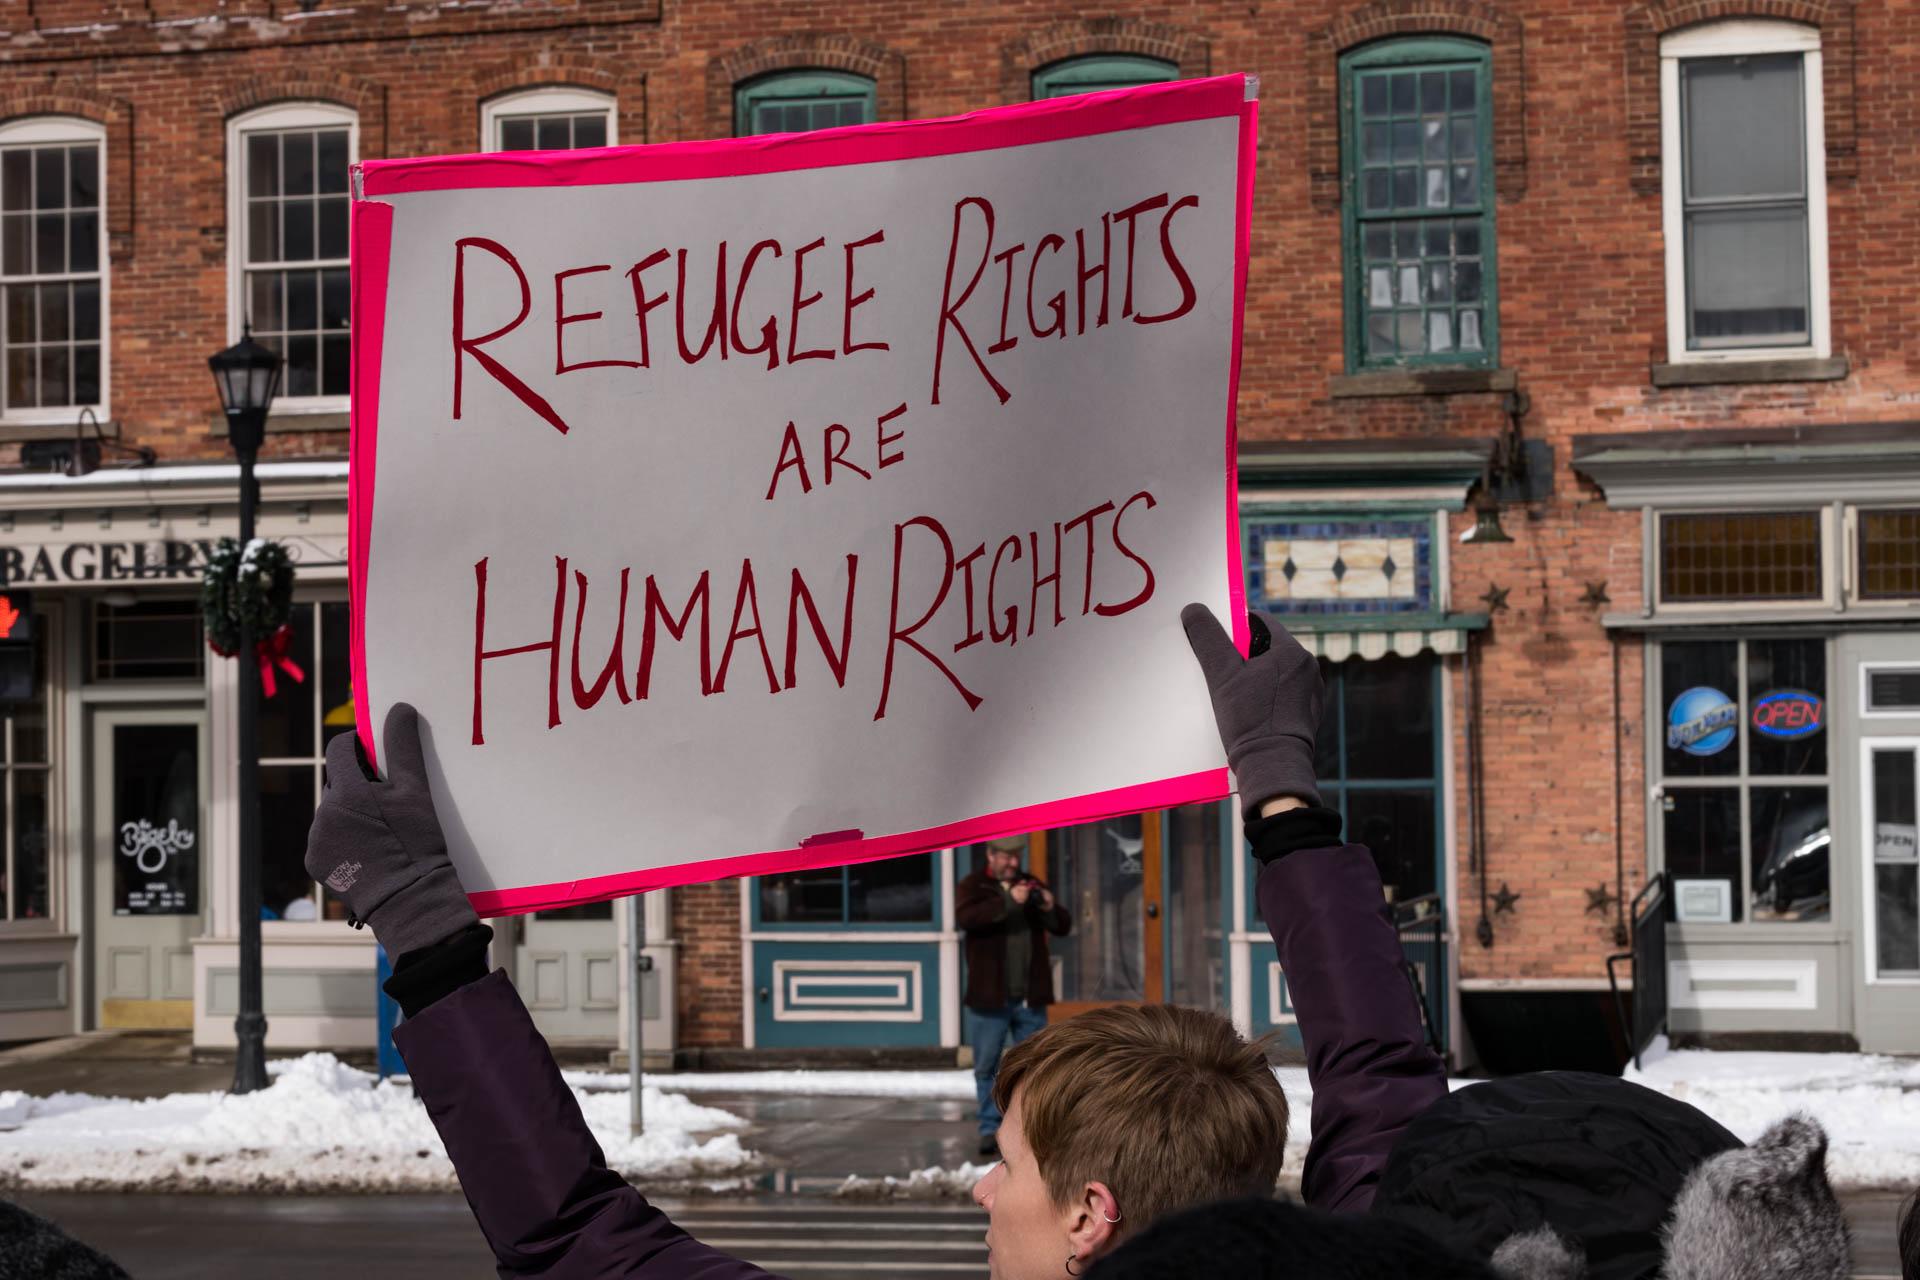 Image courtesy of Corey Griffin